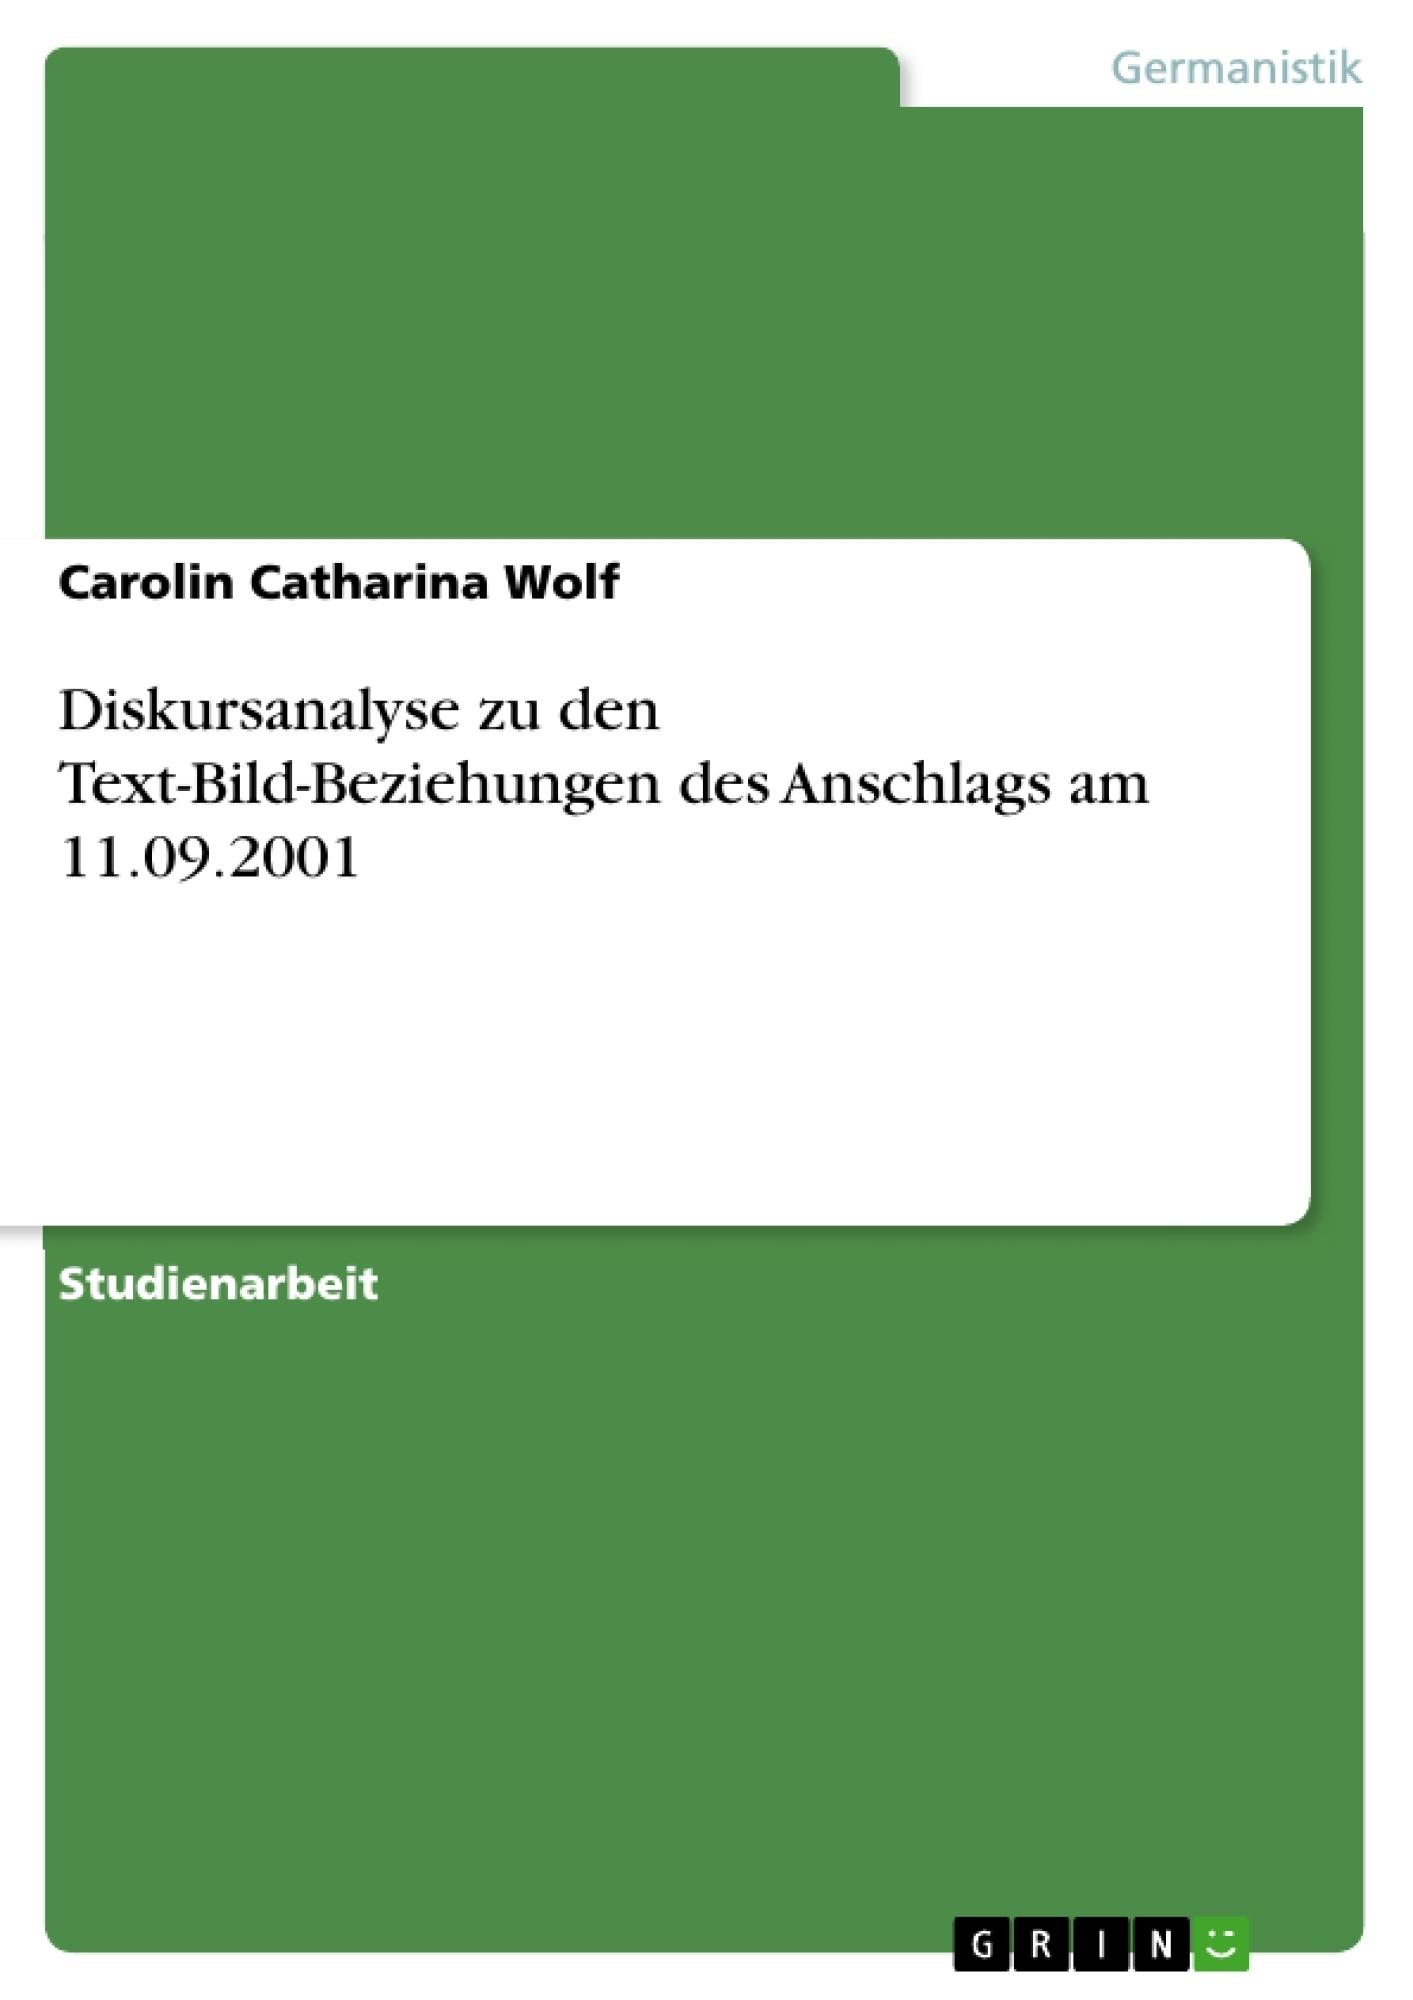 Titel: Diskursanalyse zu den Text-Bild-Beziehungen des Anschlags am 11.09.2001